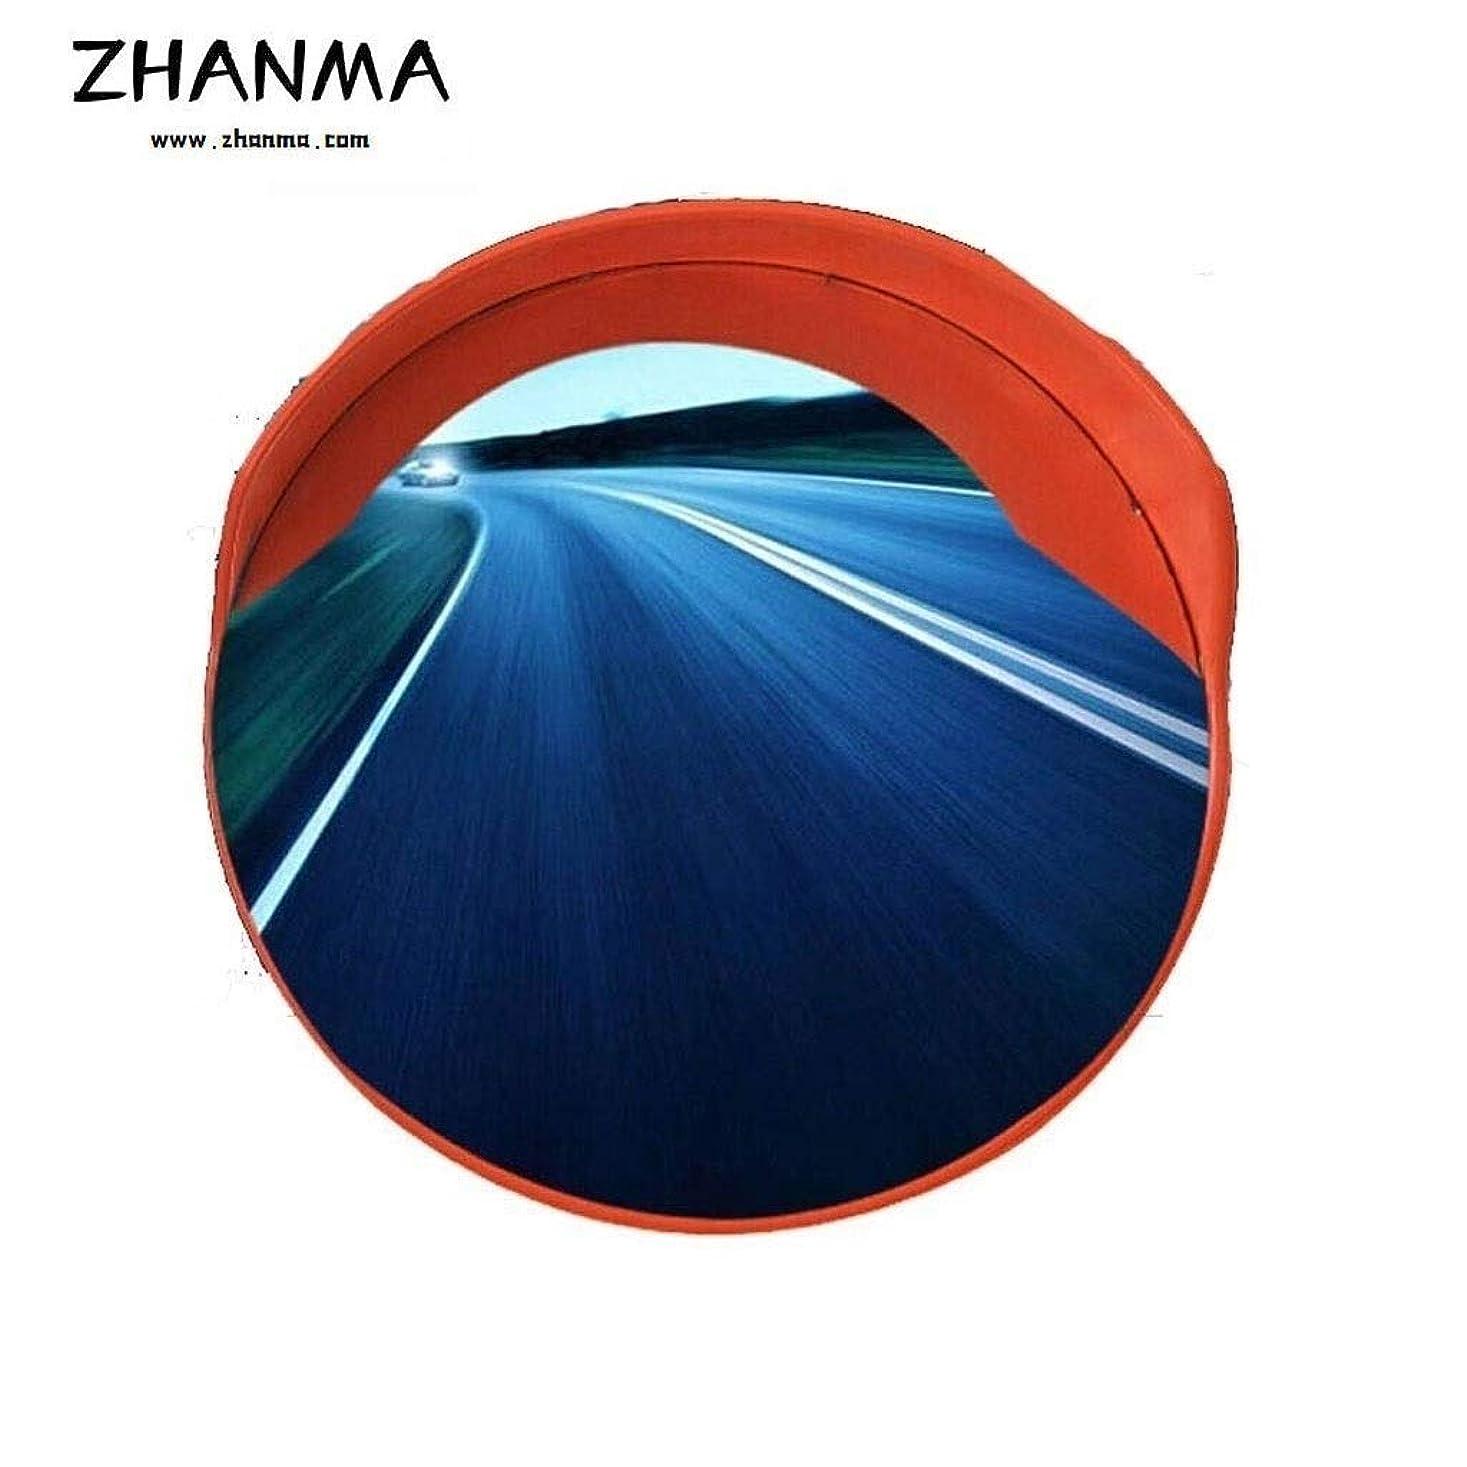 工夫するビジネス社会科ZhanMa ガレージミラー,カーブミラー 45センチメートル60センチメートル75センチメートル80センチメートル100センチメートル120センチメートル交通道路広角ミラー地下ガレージ特別PCブラインドスポットミラー、ギフト取付金具 (Size : 60cm)